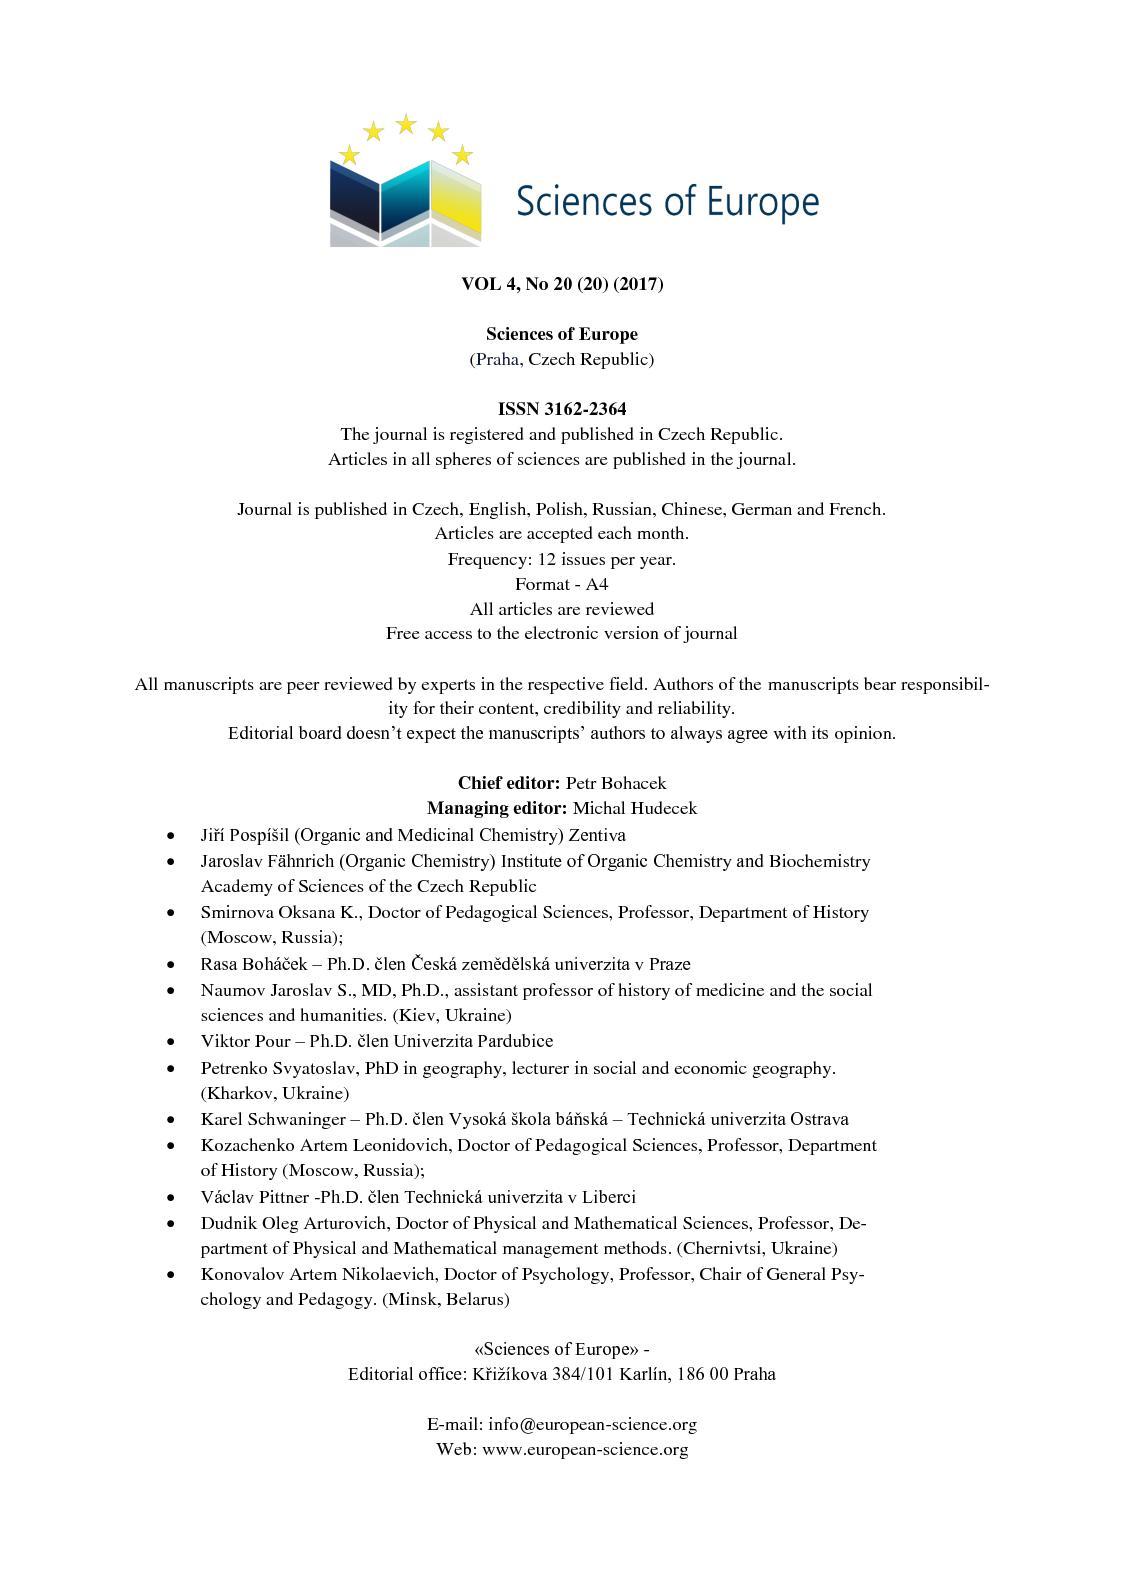 Calamo - VOL 4 No 20 20 2017